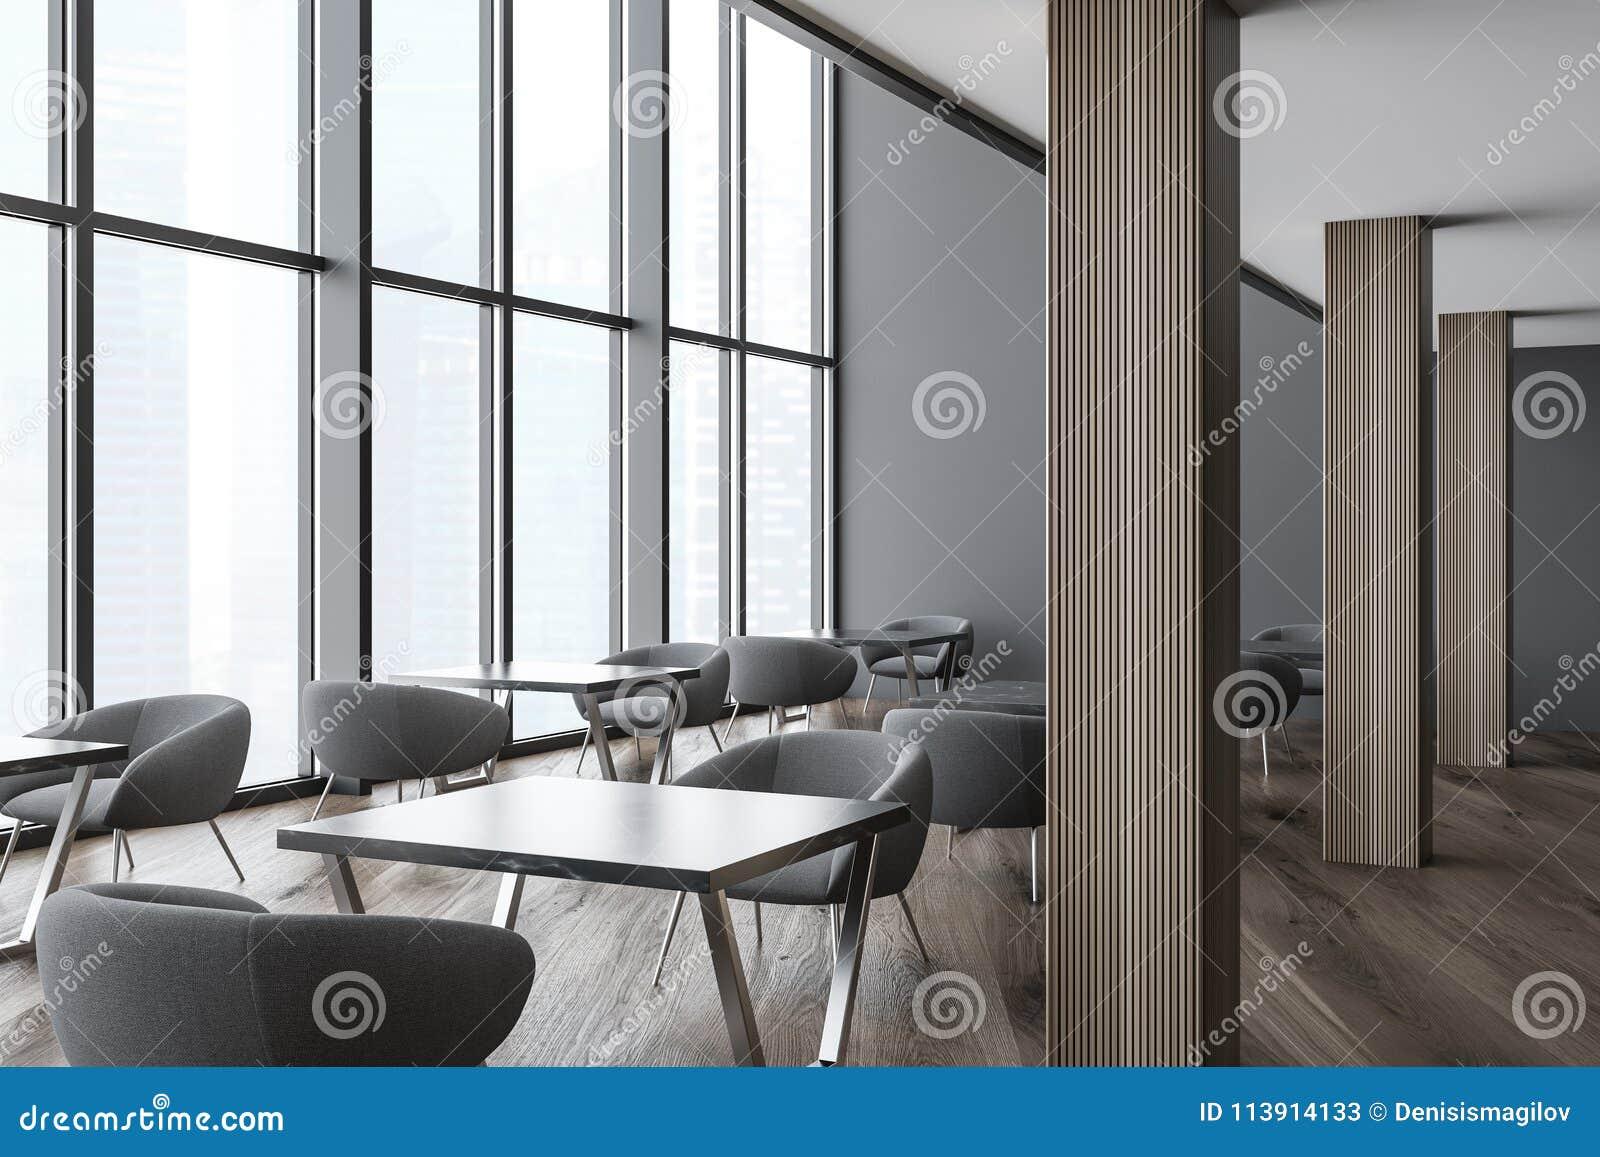 stylish office waiting room furniture. Stylish Office Waiting Room Or Class Corner Furniture